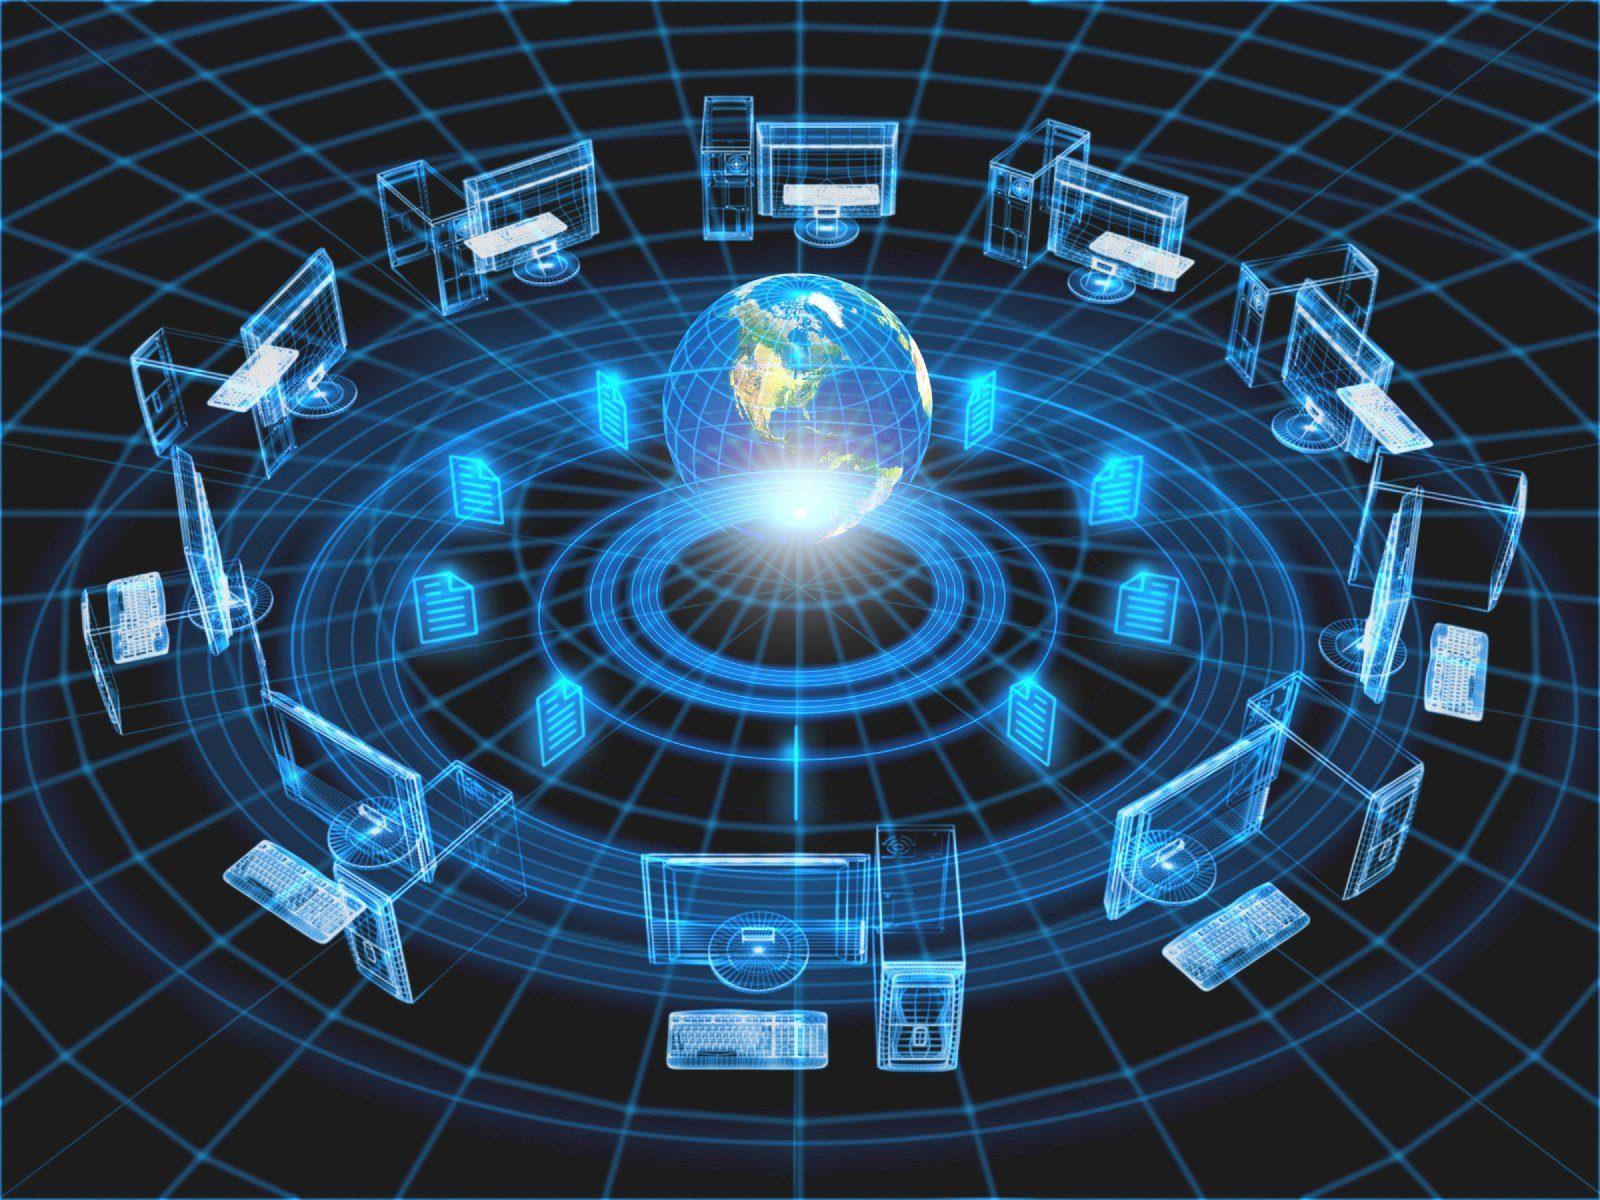 Integrando Roteirização, Controle de Entregas e Rastreamento